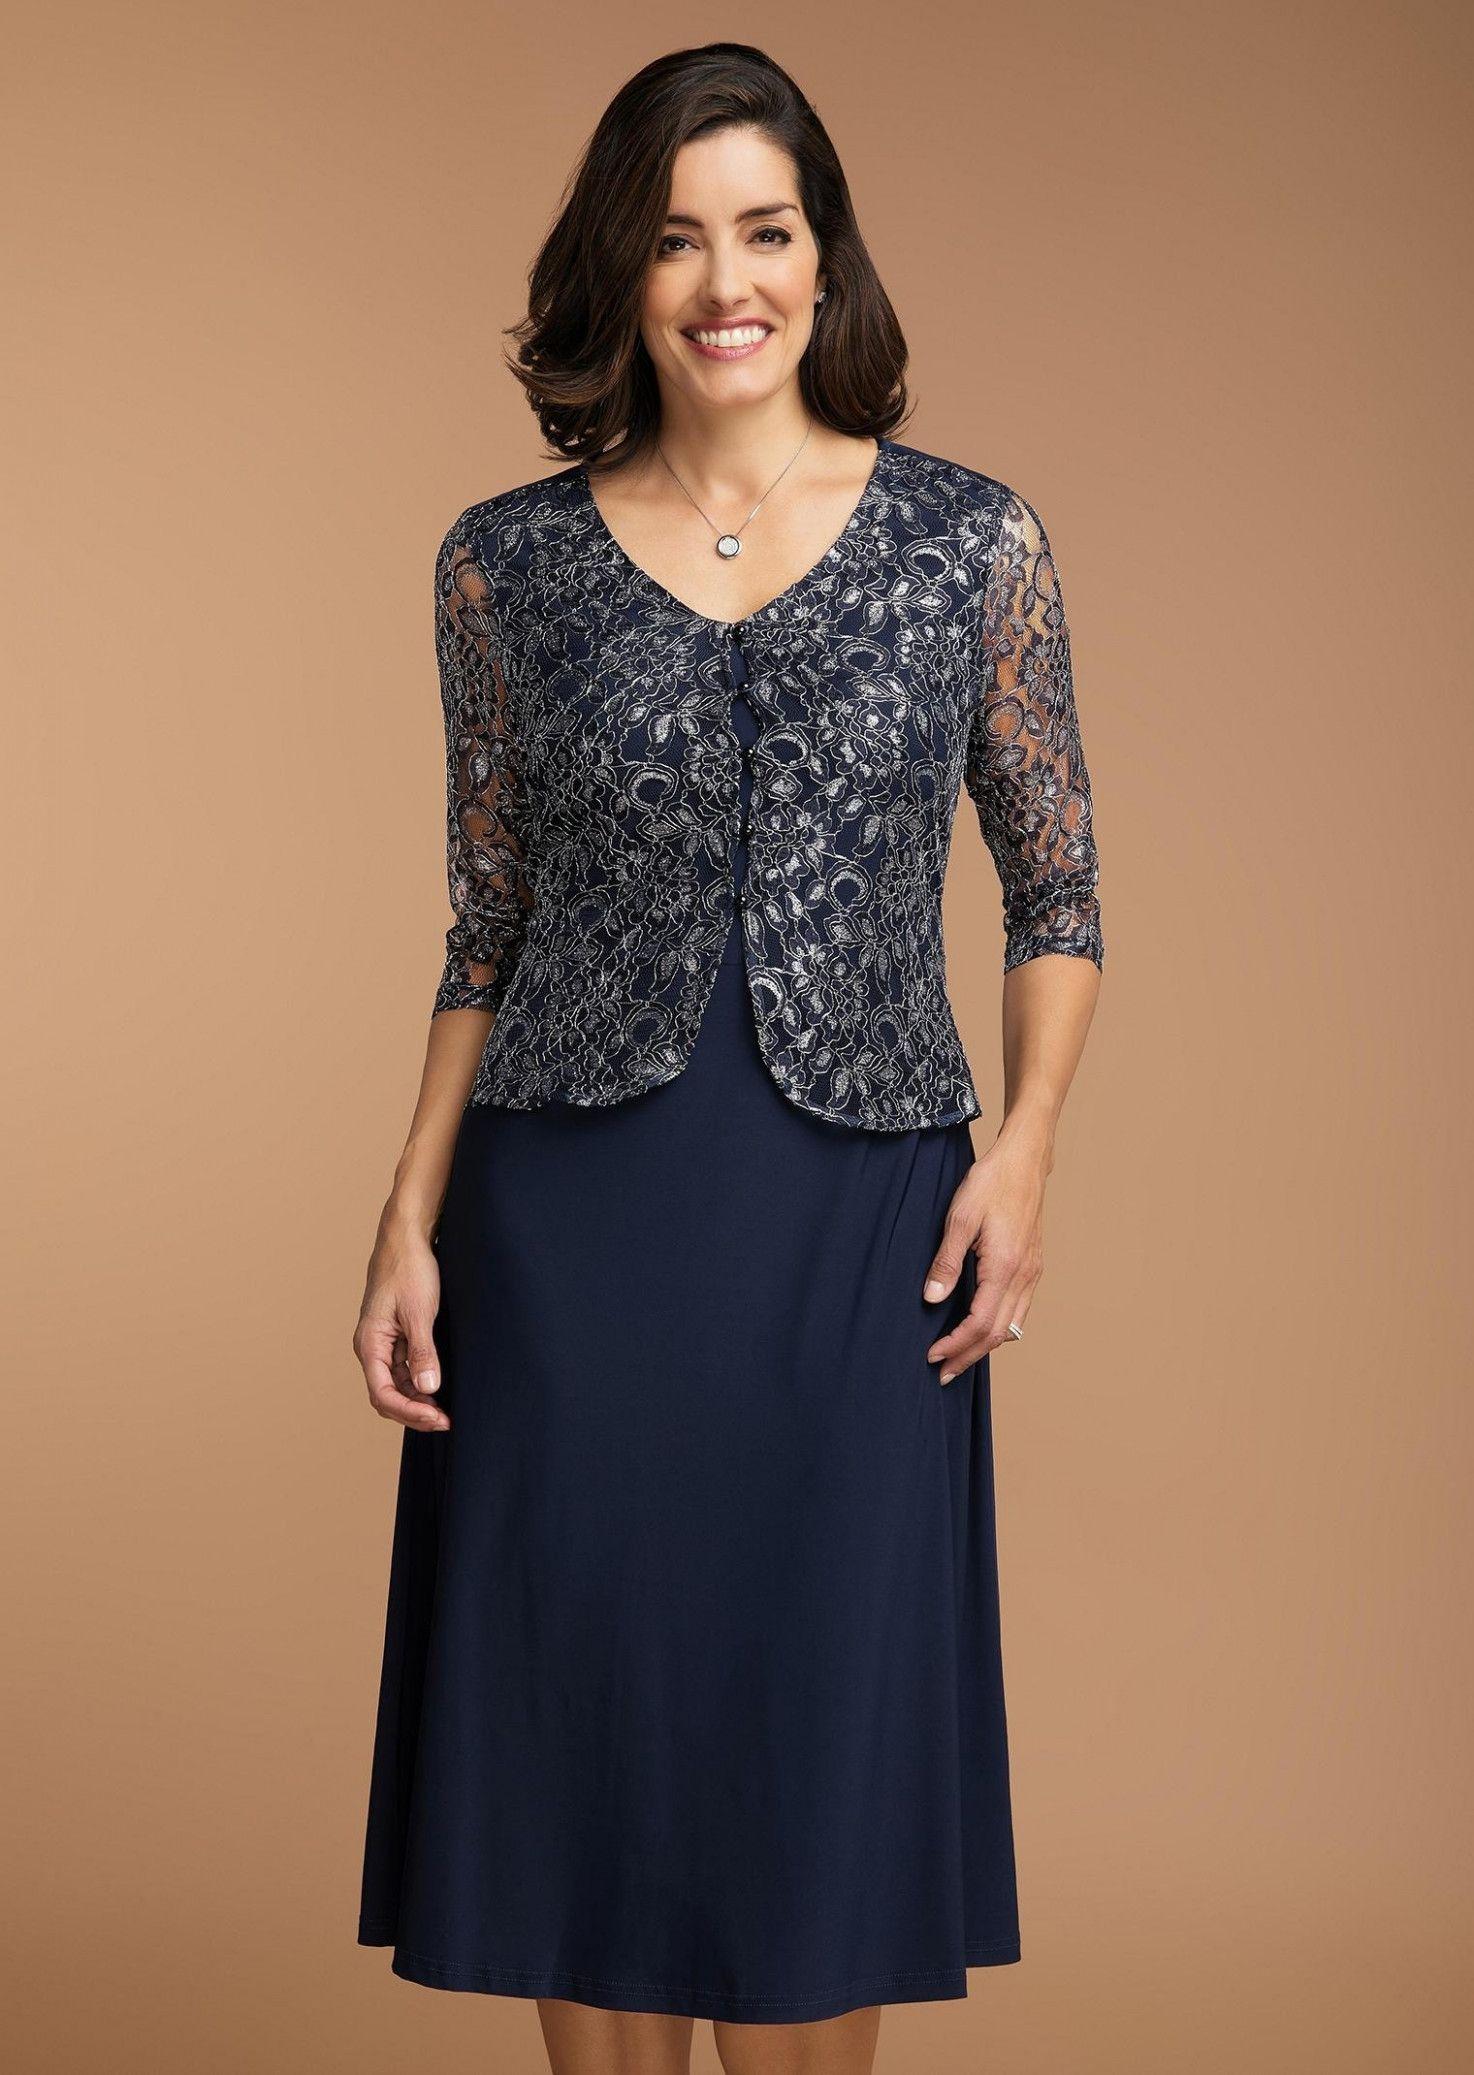 14 elegante kleider größe 48